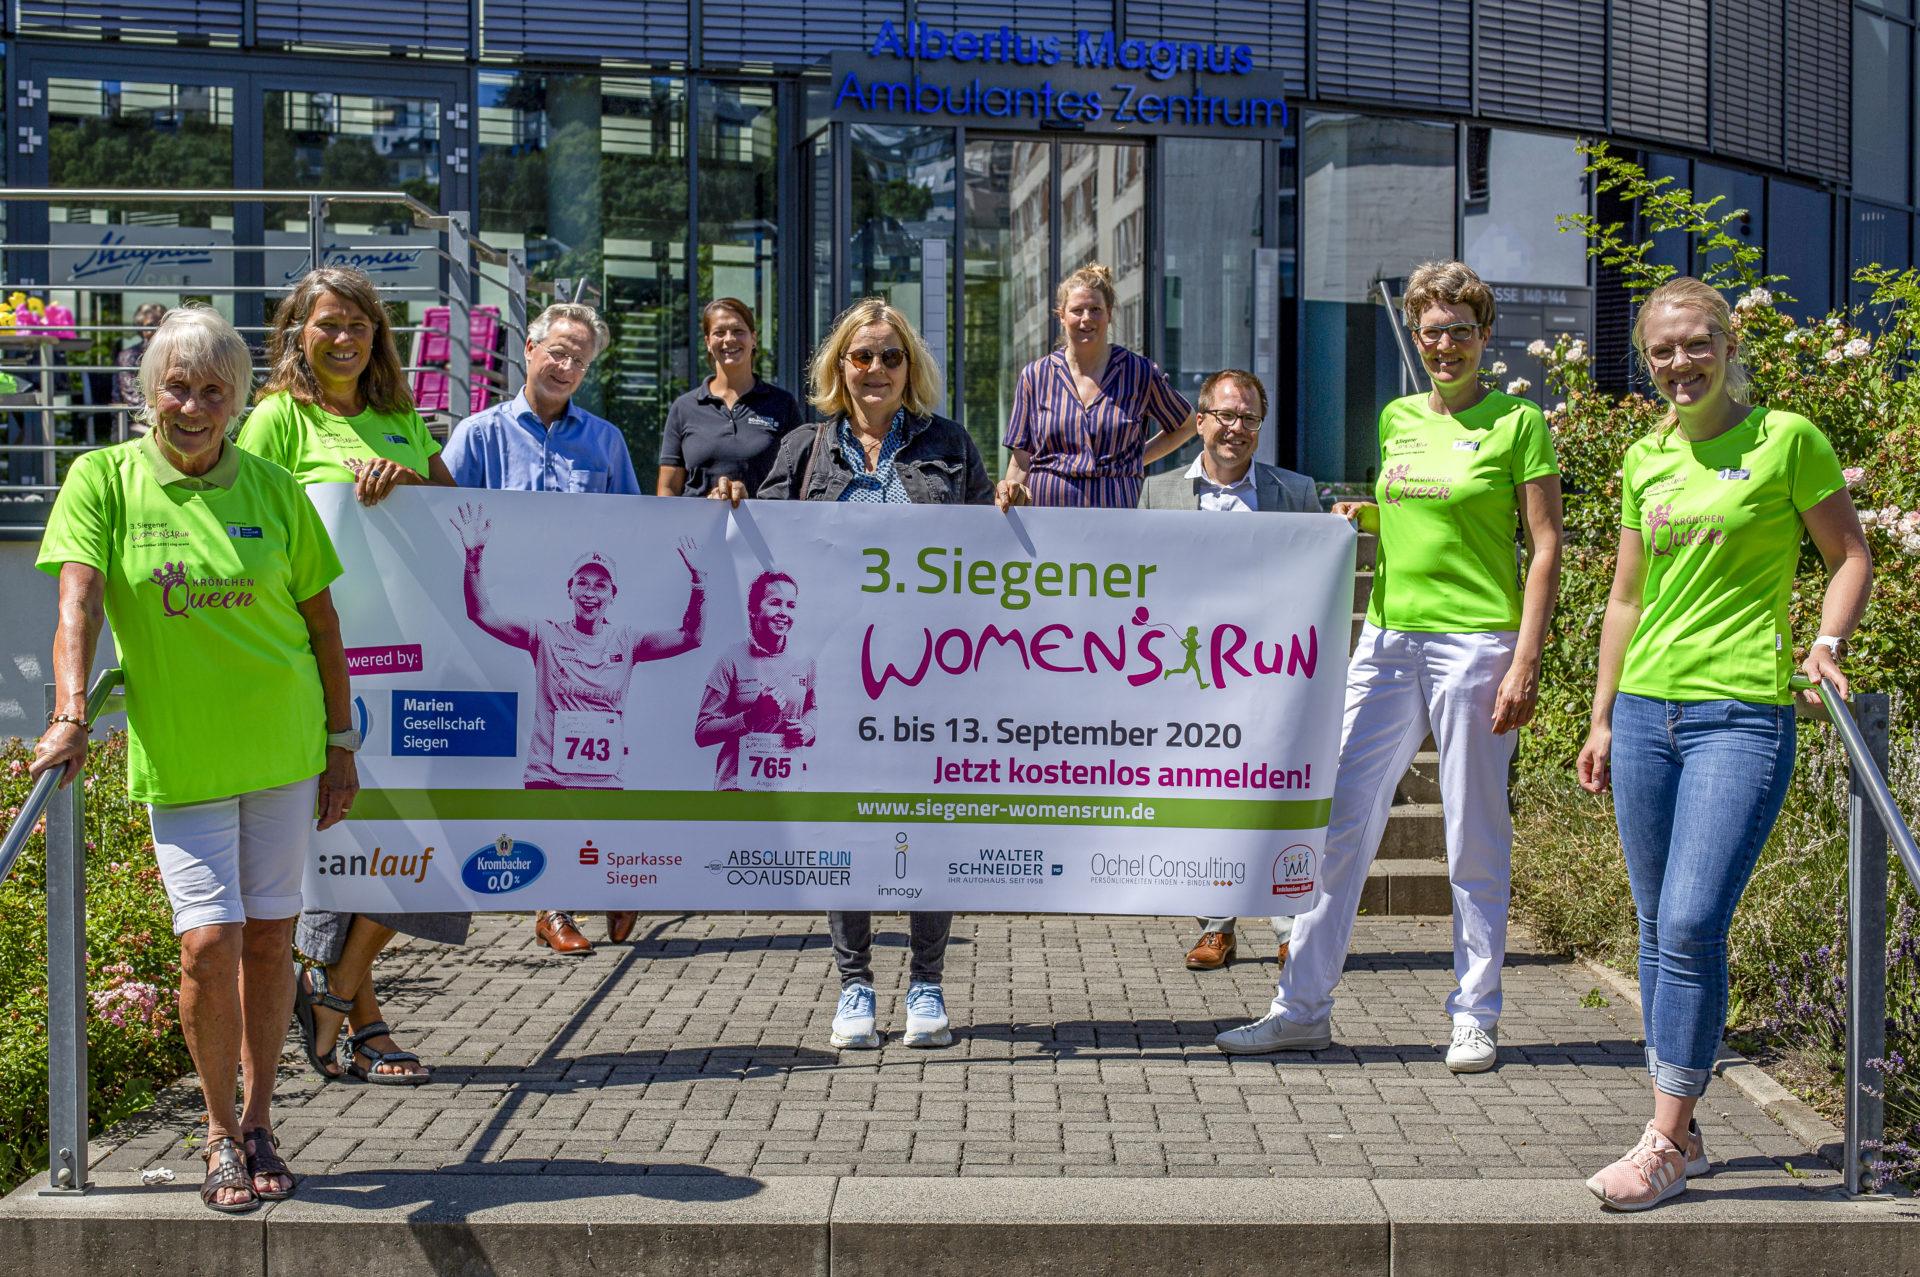 Der 3. Siegener Women' Run 2020 findet statt